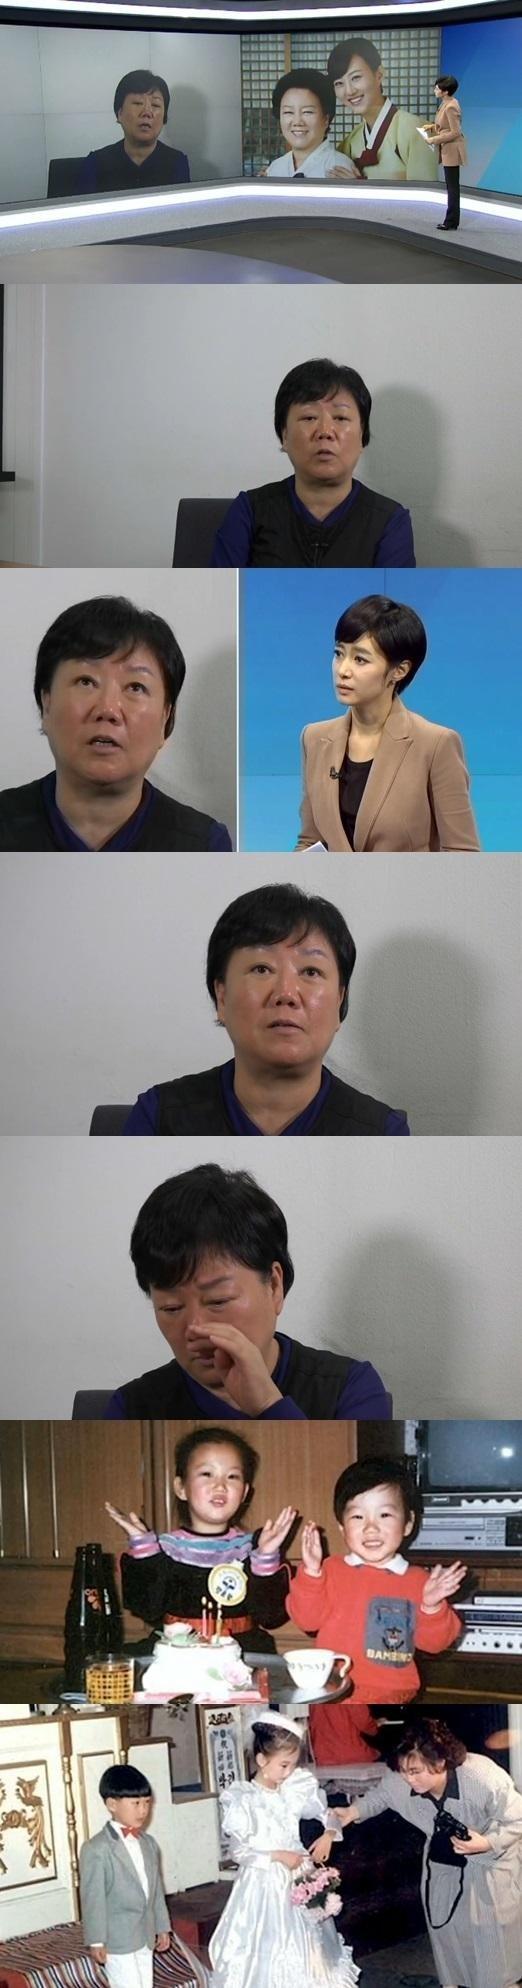 女性歌手チャン・ユンジョンの母親、テレビで衝撃の告白「娘が私を精神病院に入れて殺すと…」